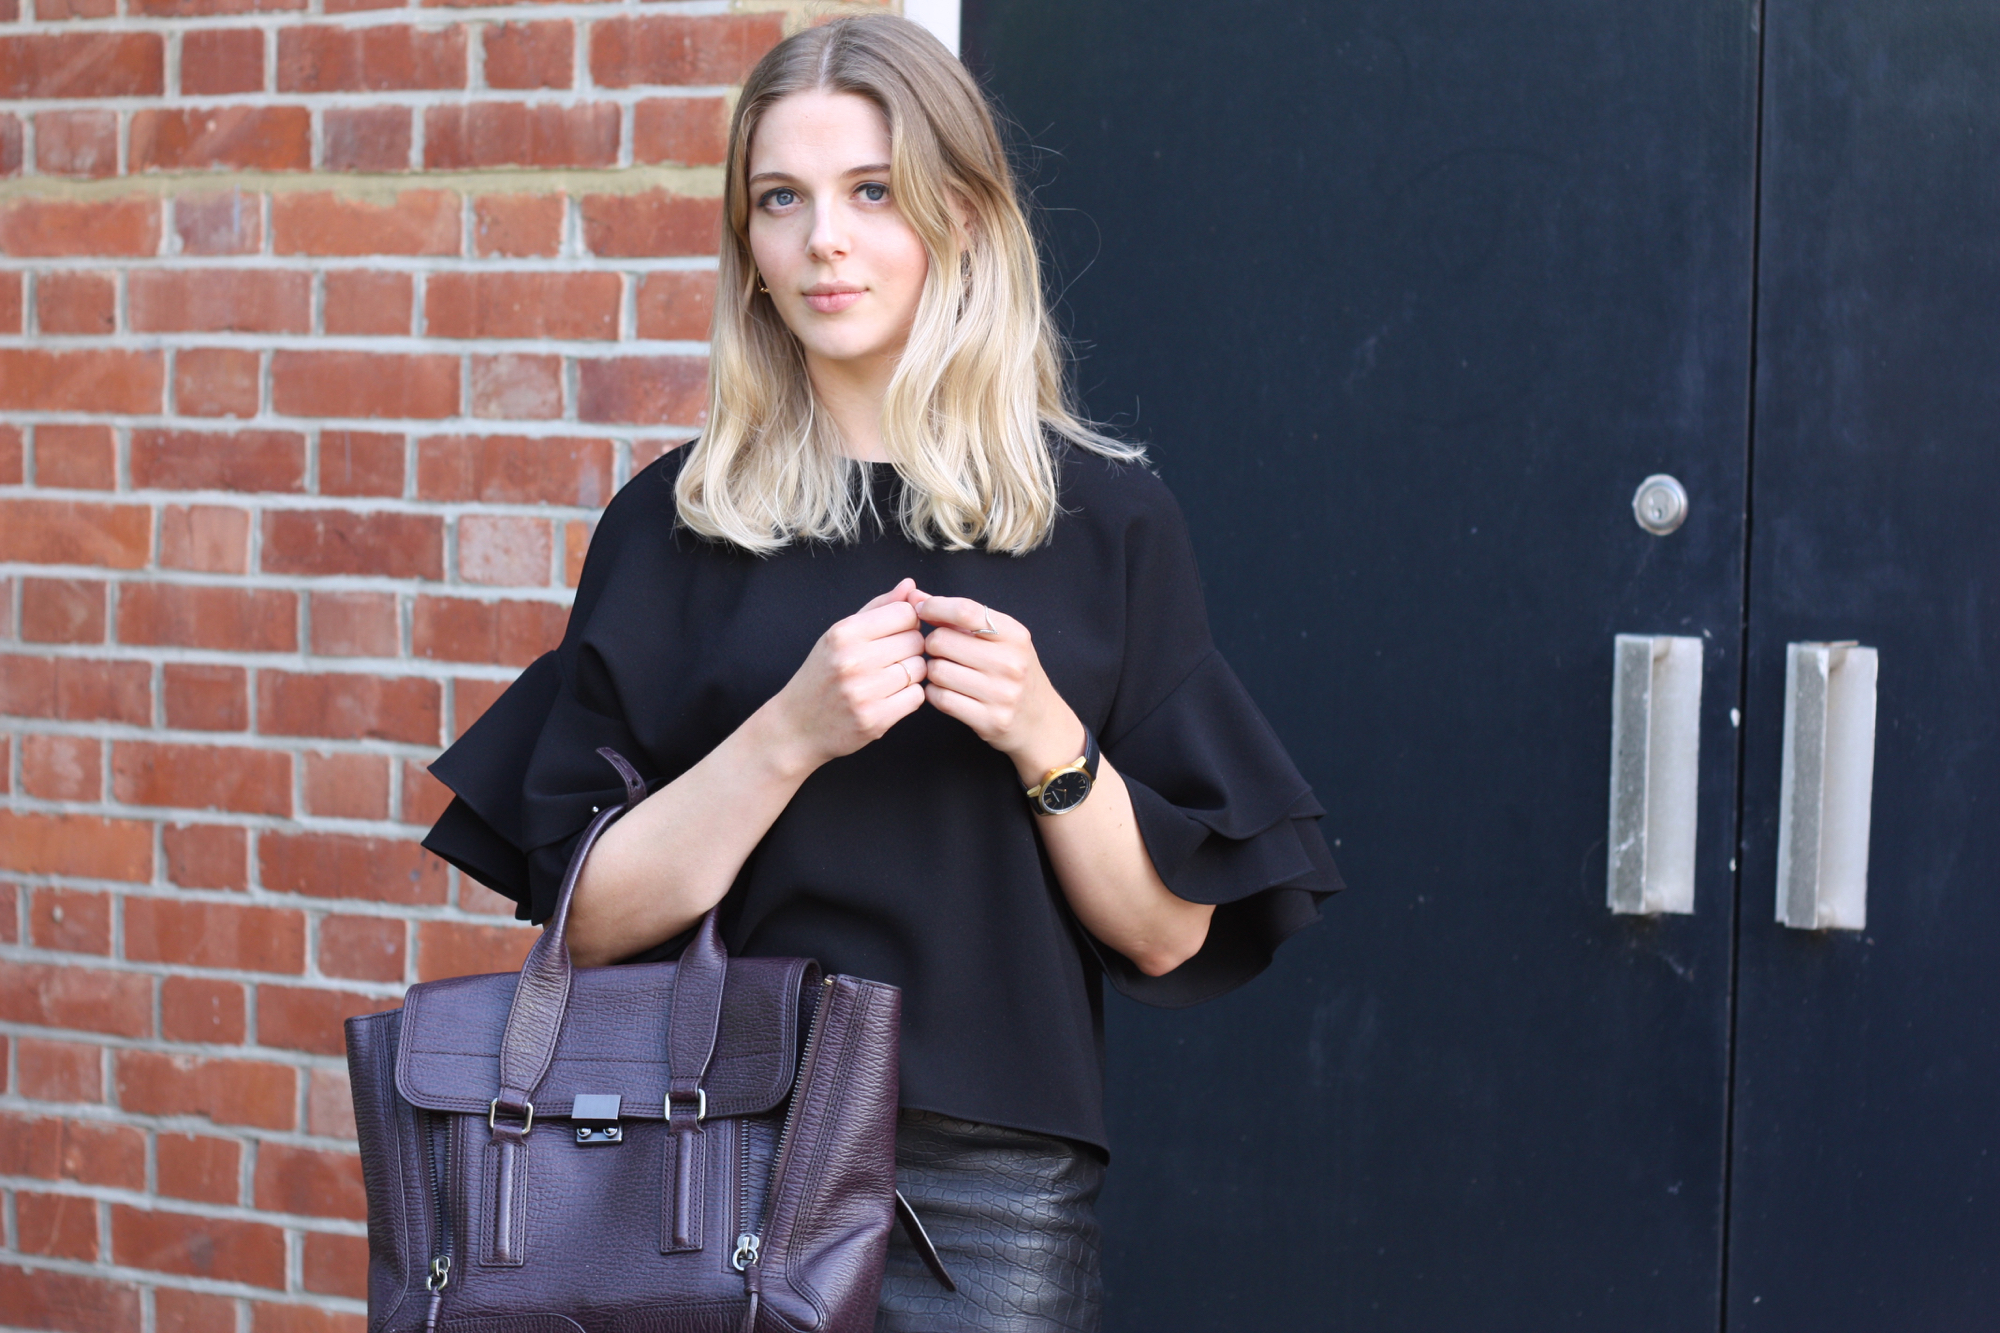 Zara frilled top, 3.1 Phillip Lim Pashli medium burgundy bag and Larsson & Jennings Saxon black gold watch